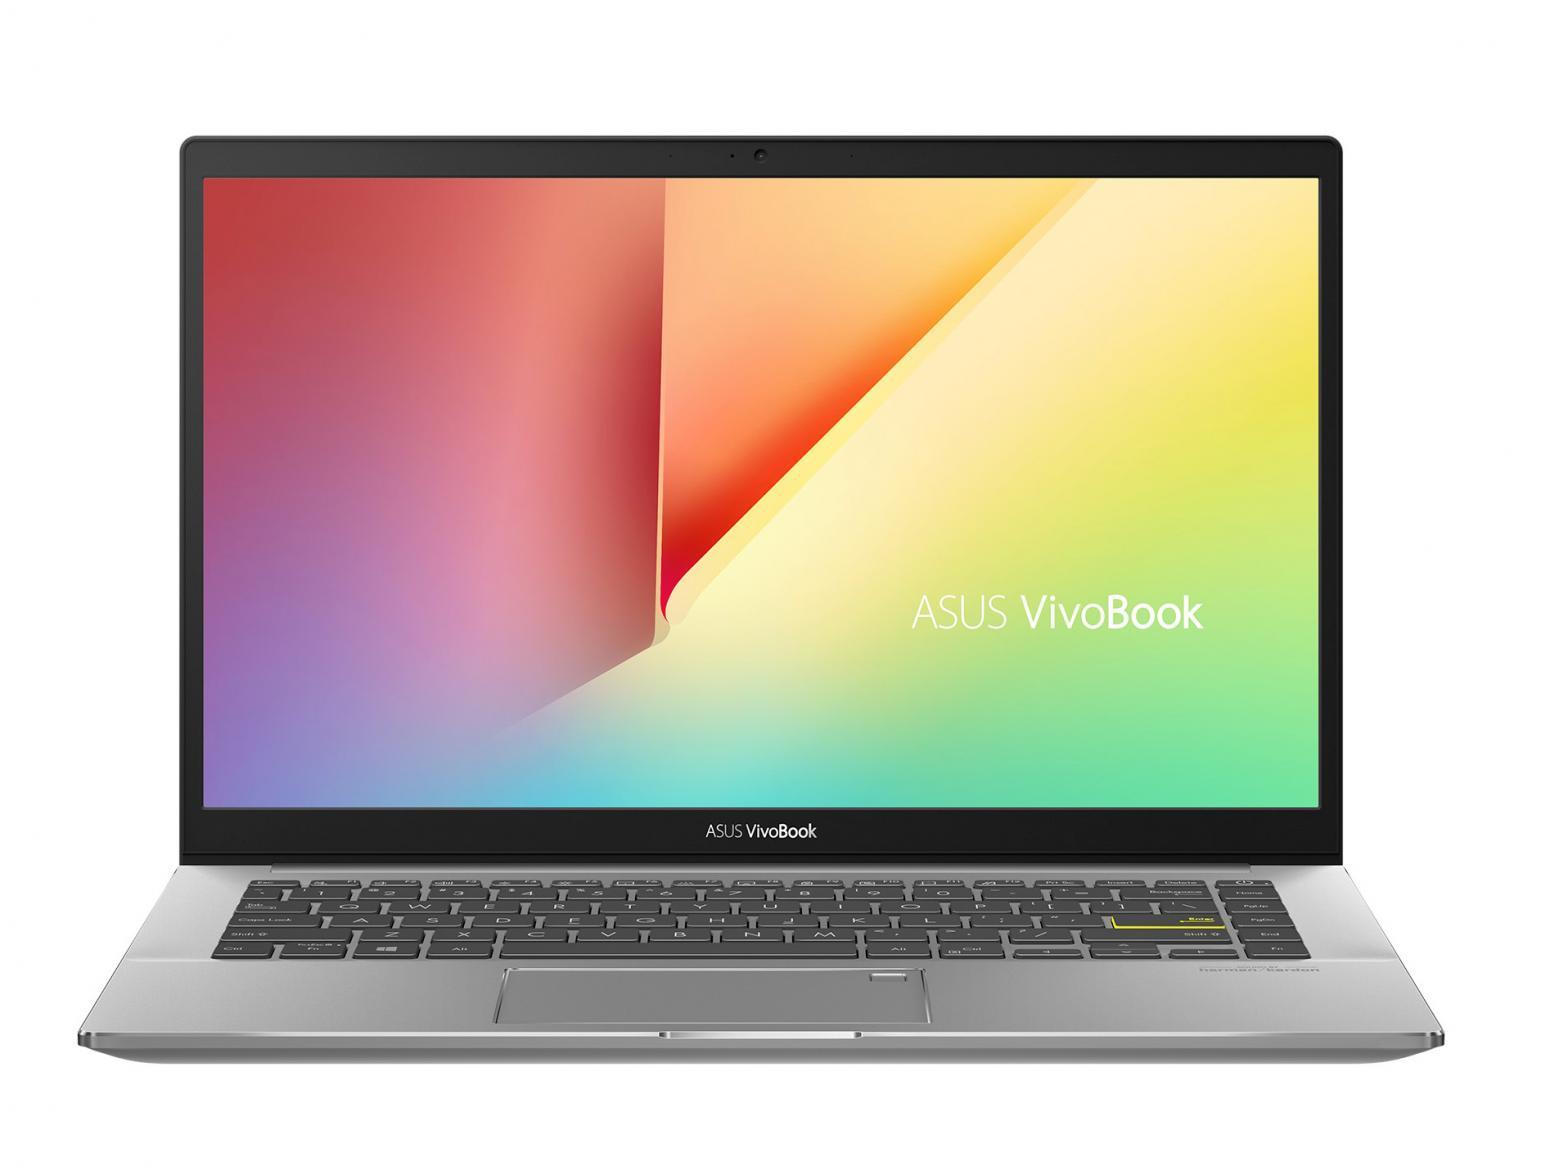 Ordinateur portable Asus VivoBook S433IA-HM849T Gris/Noir - NumPad - photo 4